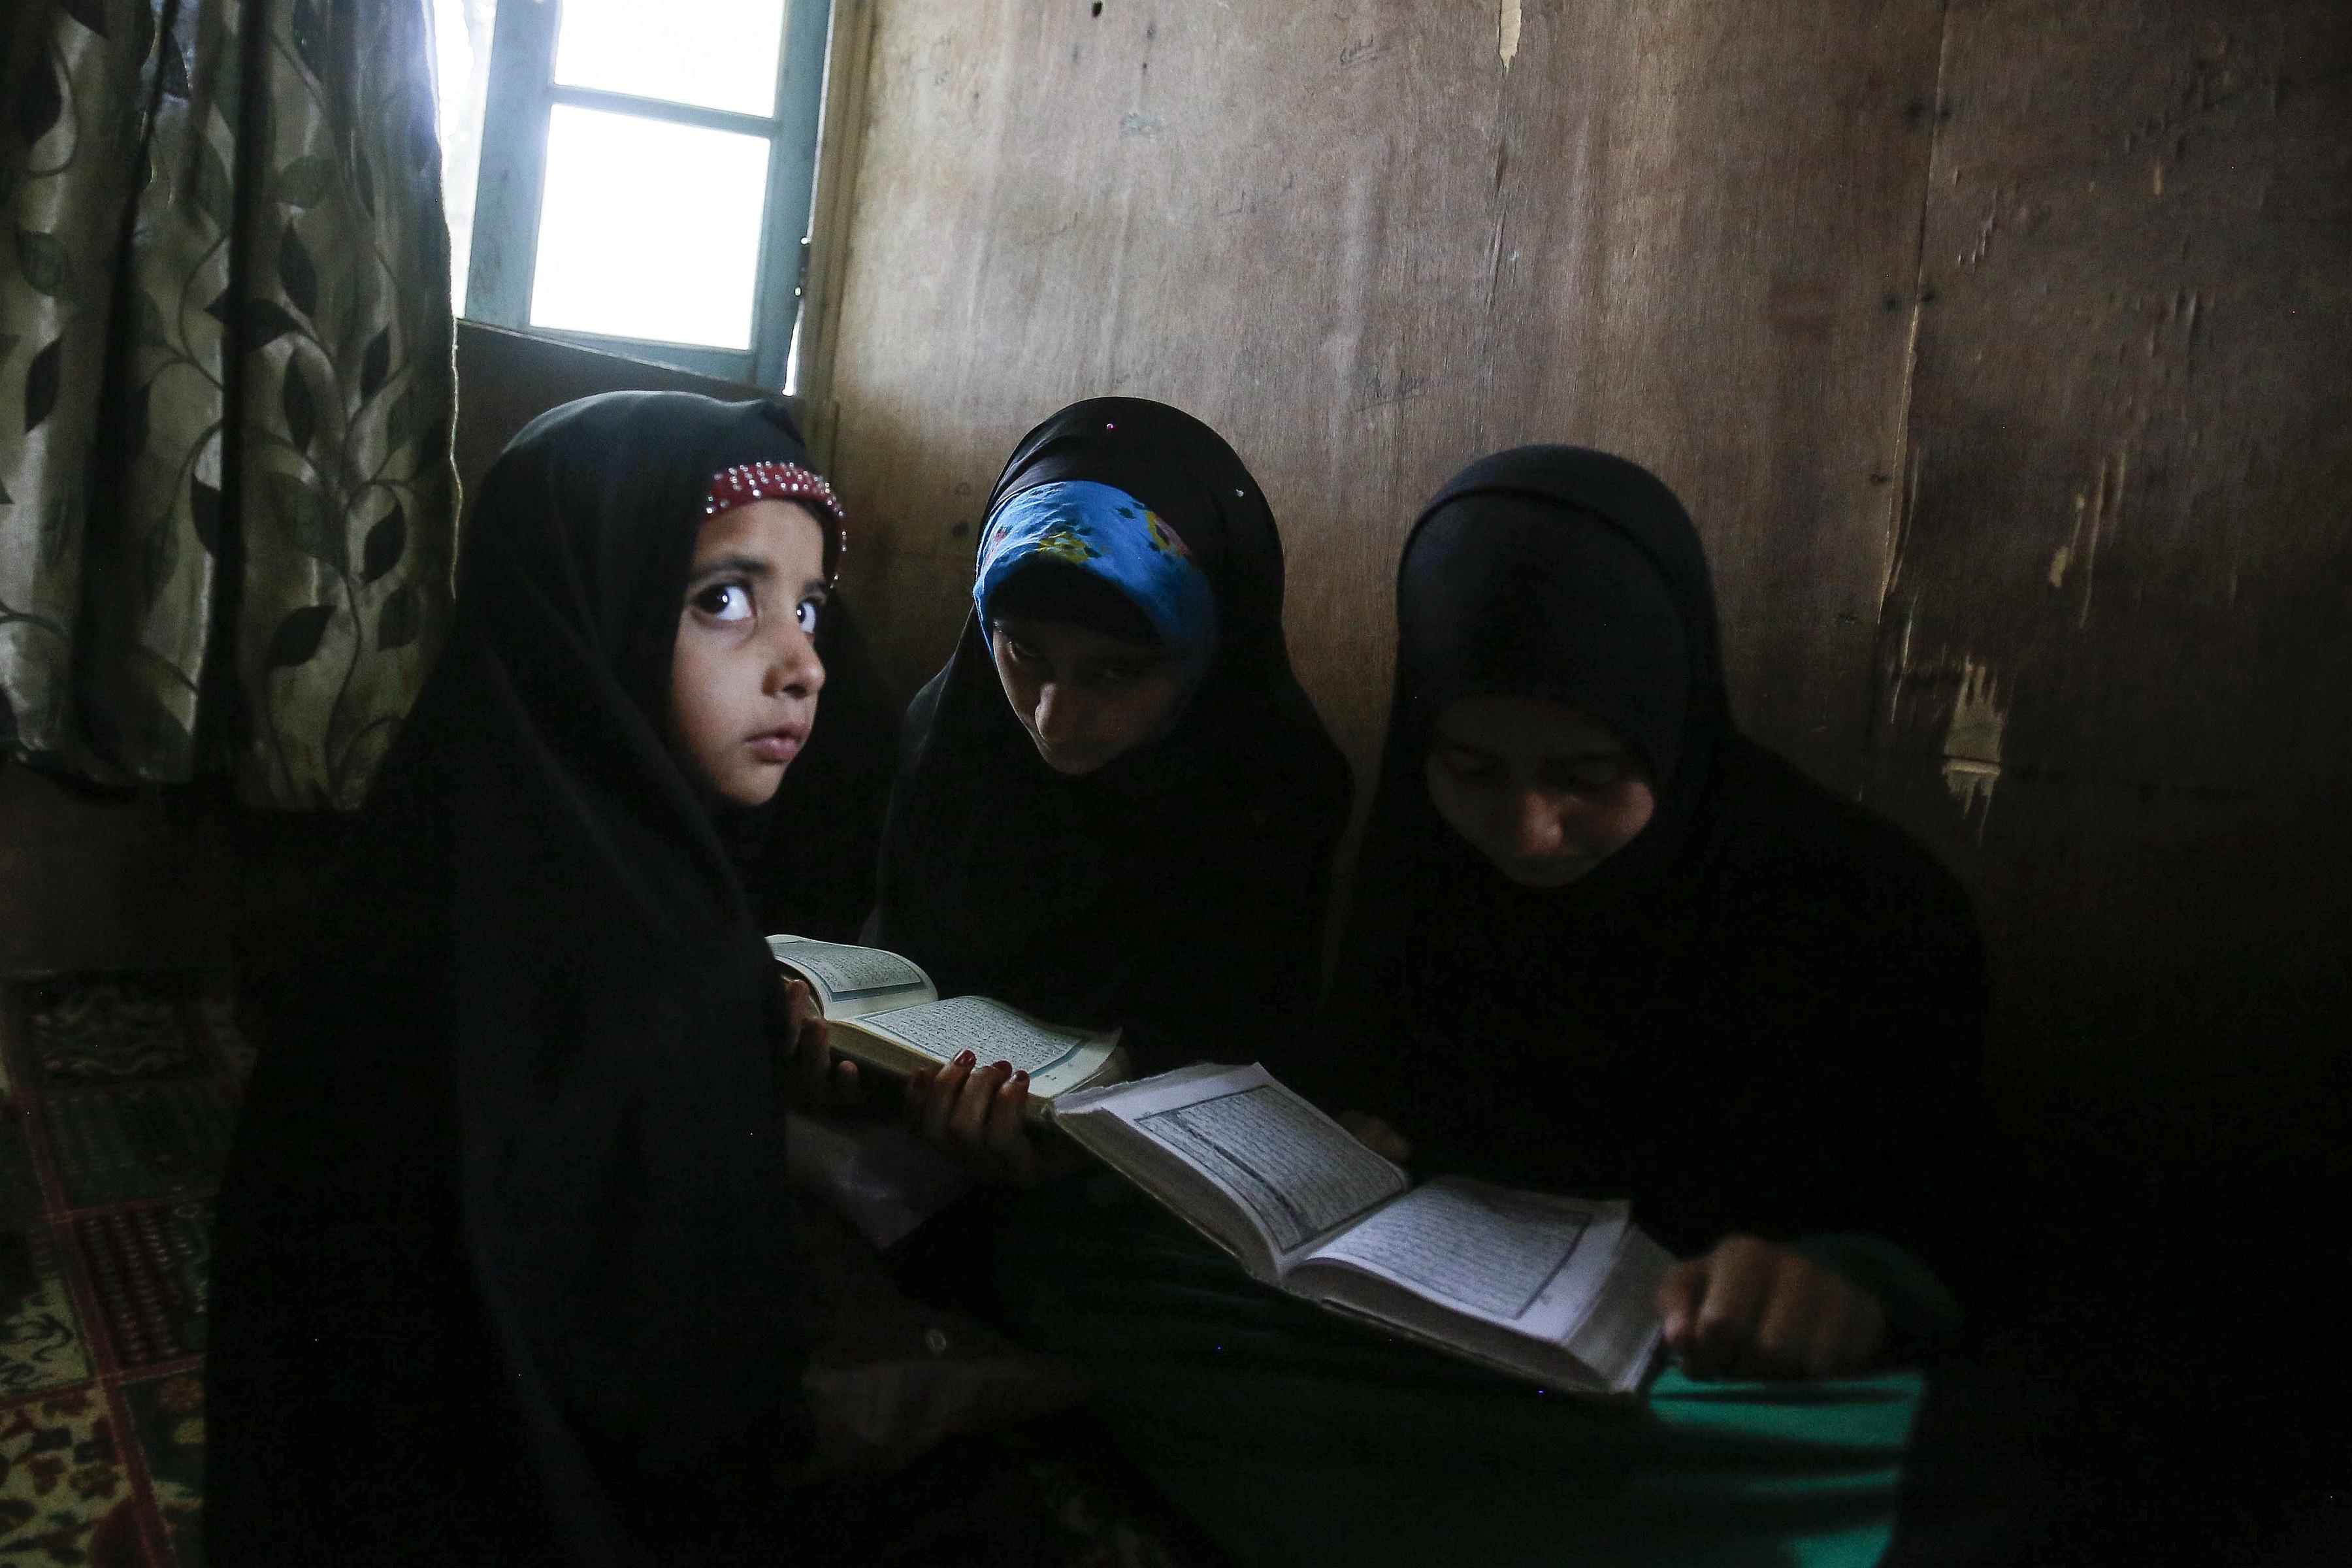 Niños musulmanes de Cachemira asisten a clases de recitación del Sagrado Corán el primer día del mes de ayuno del Ramadán en Srinagar, Cachemira controlada por la India, el 7 de mayo de 2019. (Foto AP / Mukhtar Khan)